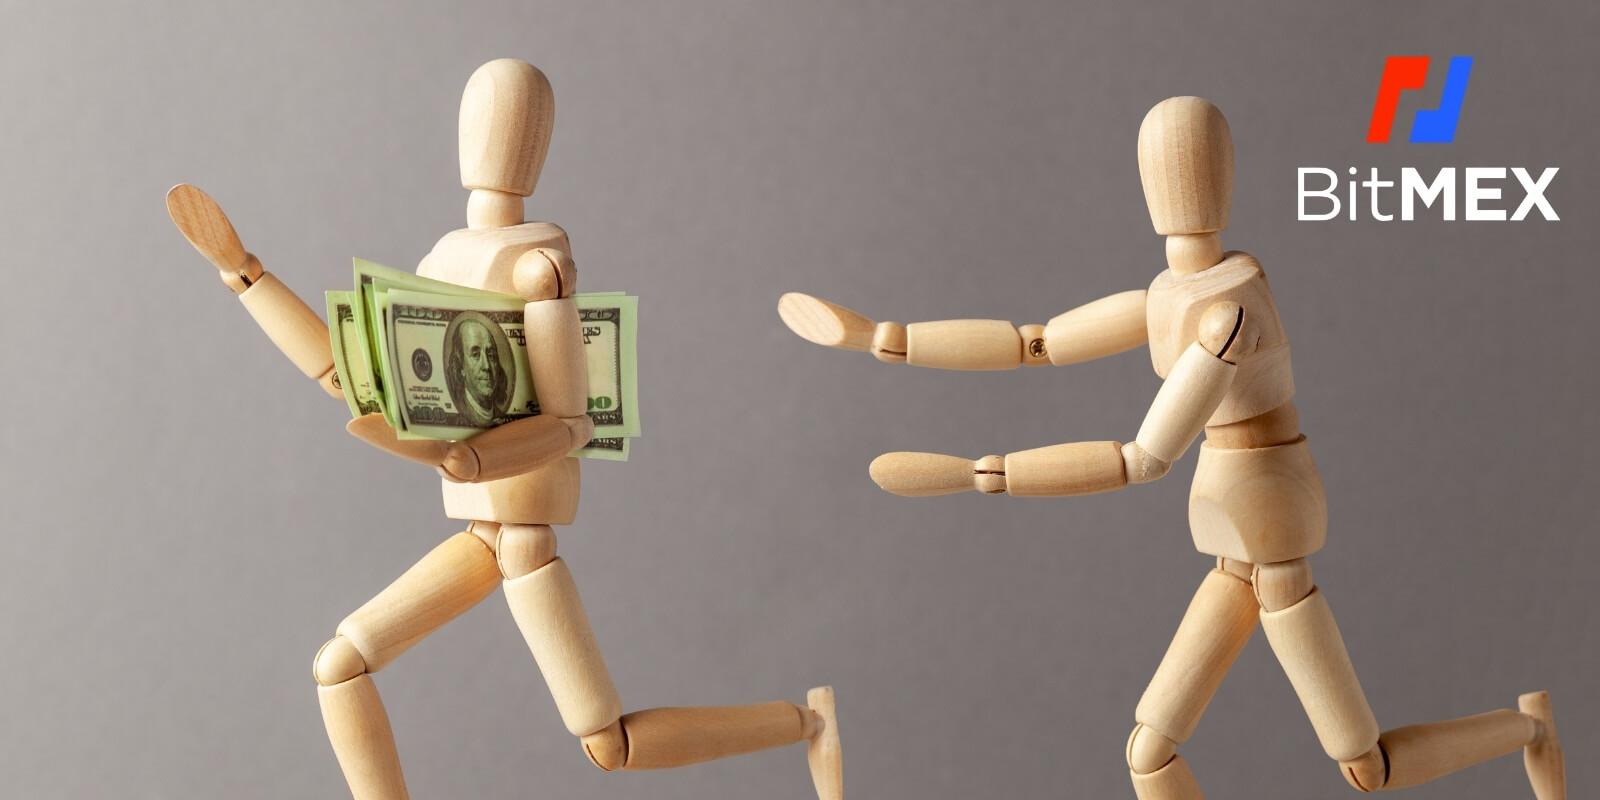 Les dirigeants de BitMEX auraient « pillé » 440M$ de la plateforme pour éviter leur saisie